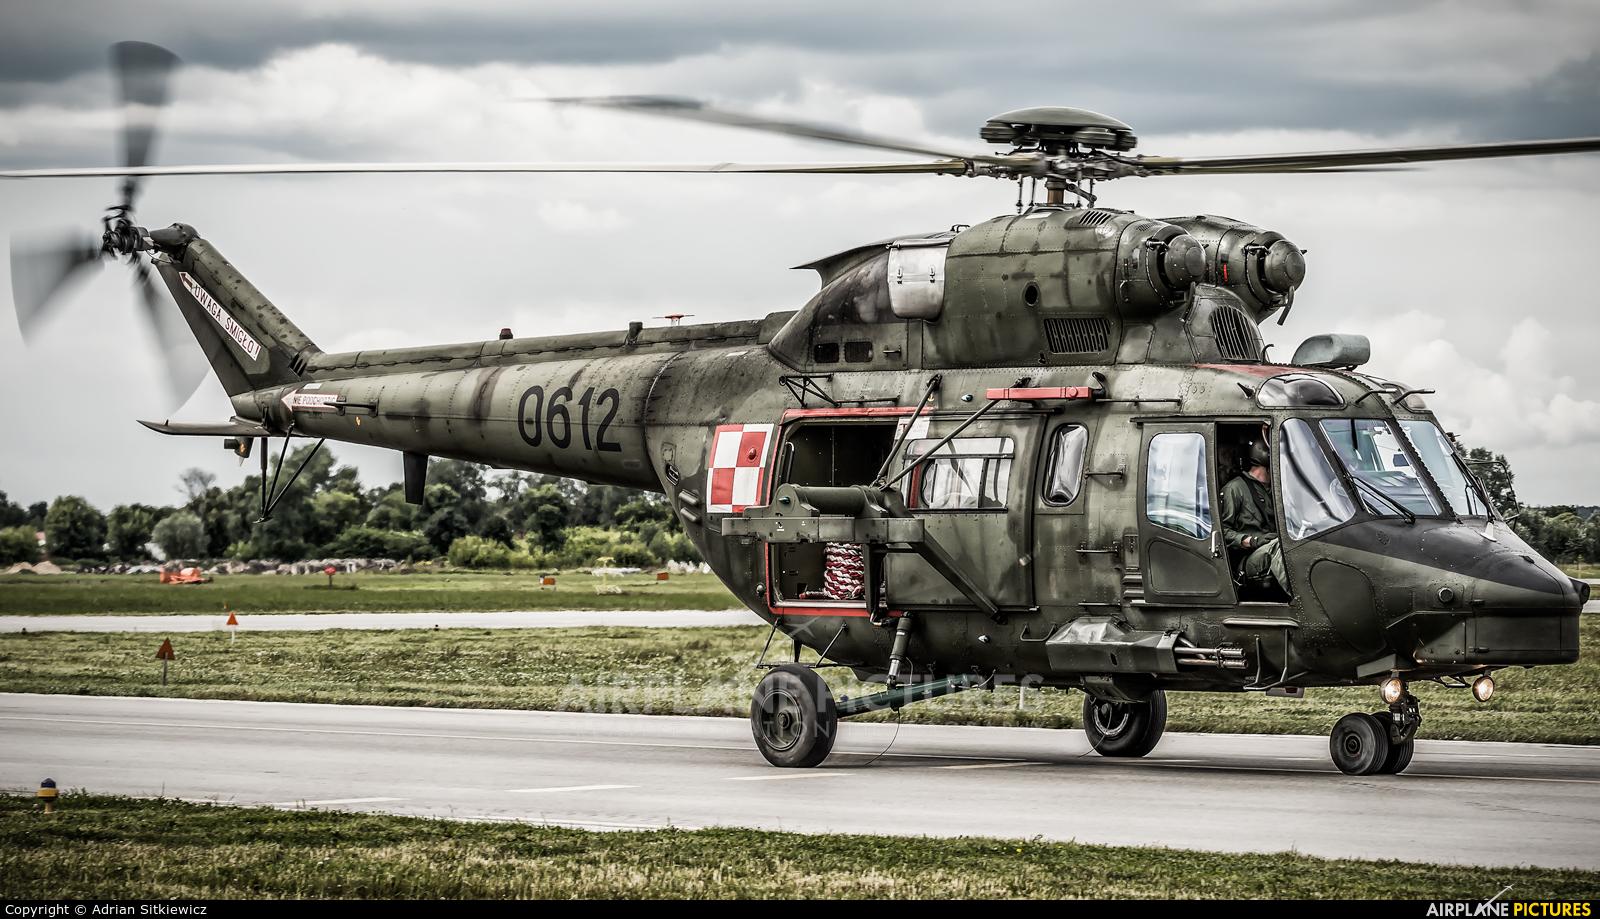 Poland - Army 0612 aircraft at Dęblin